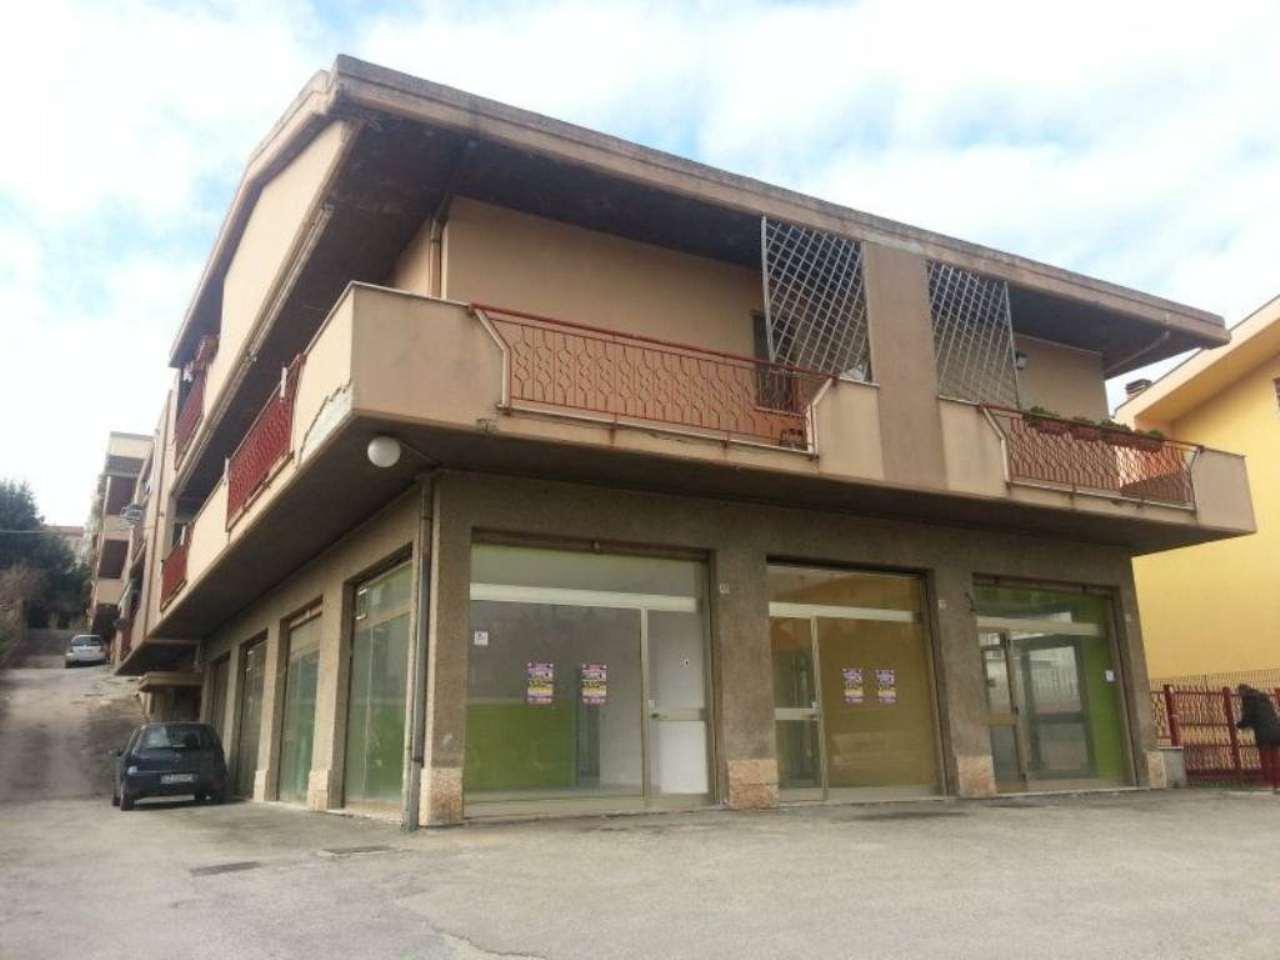 Negozio / Locale in affitto a Pescara, 8 locali, prezzo € 2.500 | Cambio Casa.it